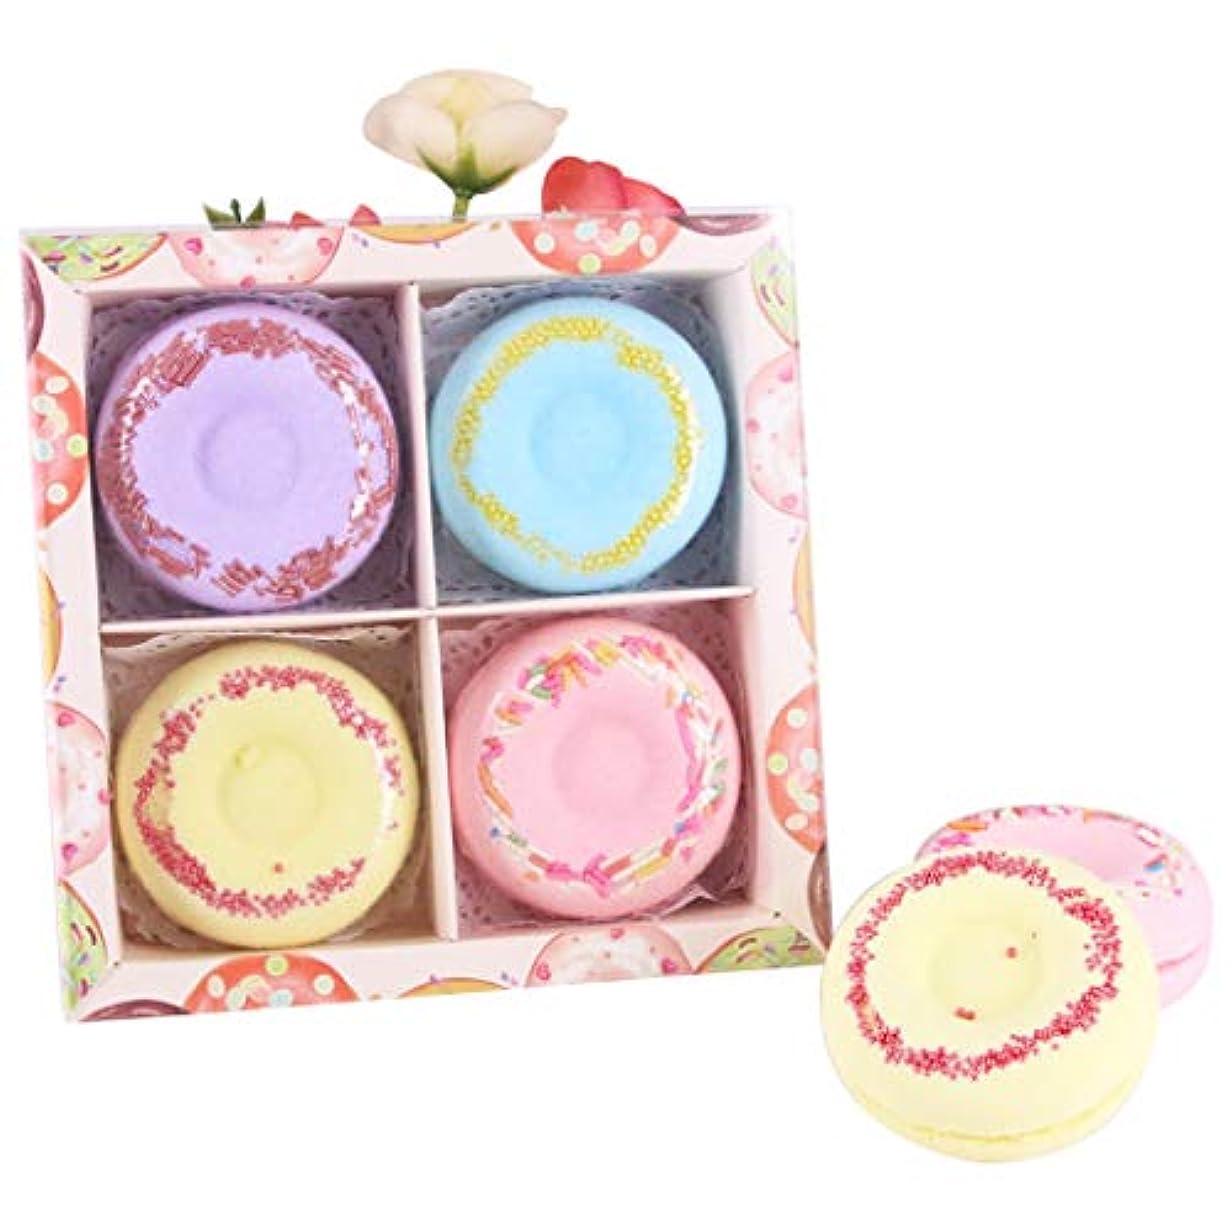 失業どこにも誰でもFunpa 4枚セット 入浴剤 入浴ボール ドーナツ型 可愛い 精油 香り残す バレンタインデー 彼女のプレゼント お風呂用